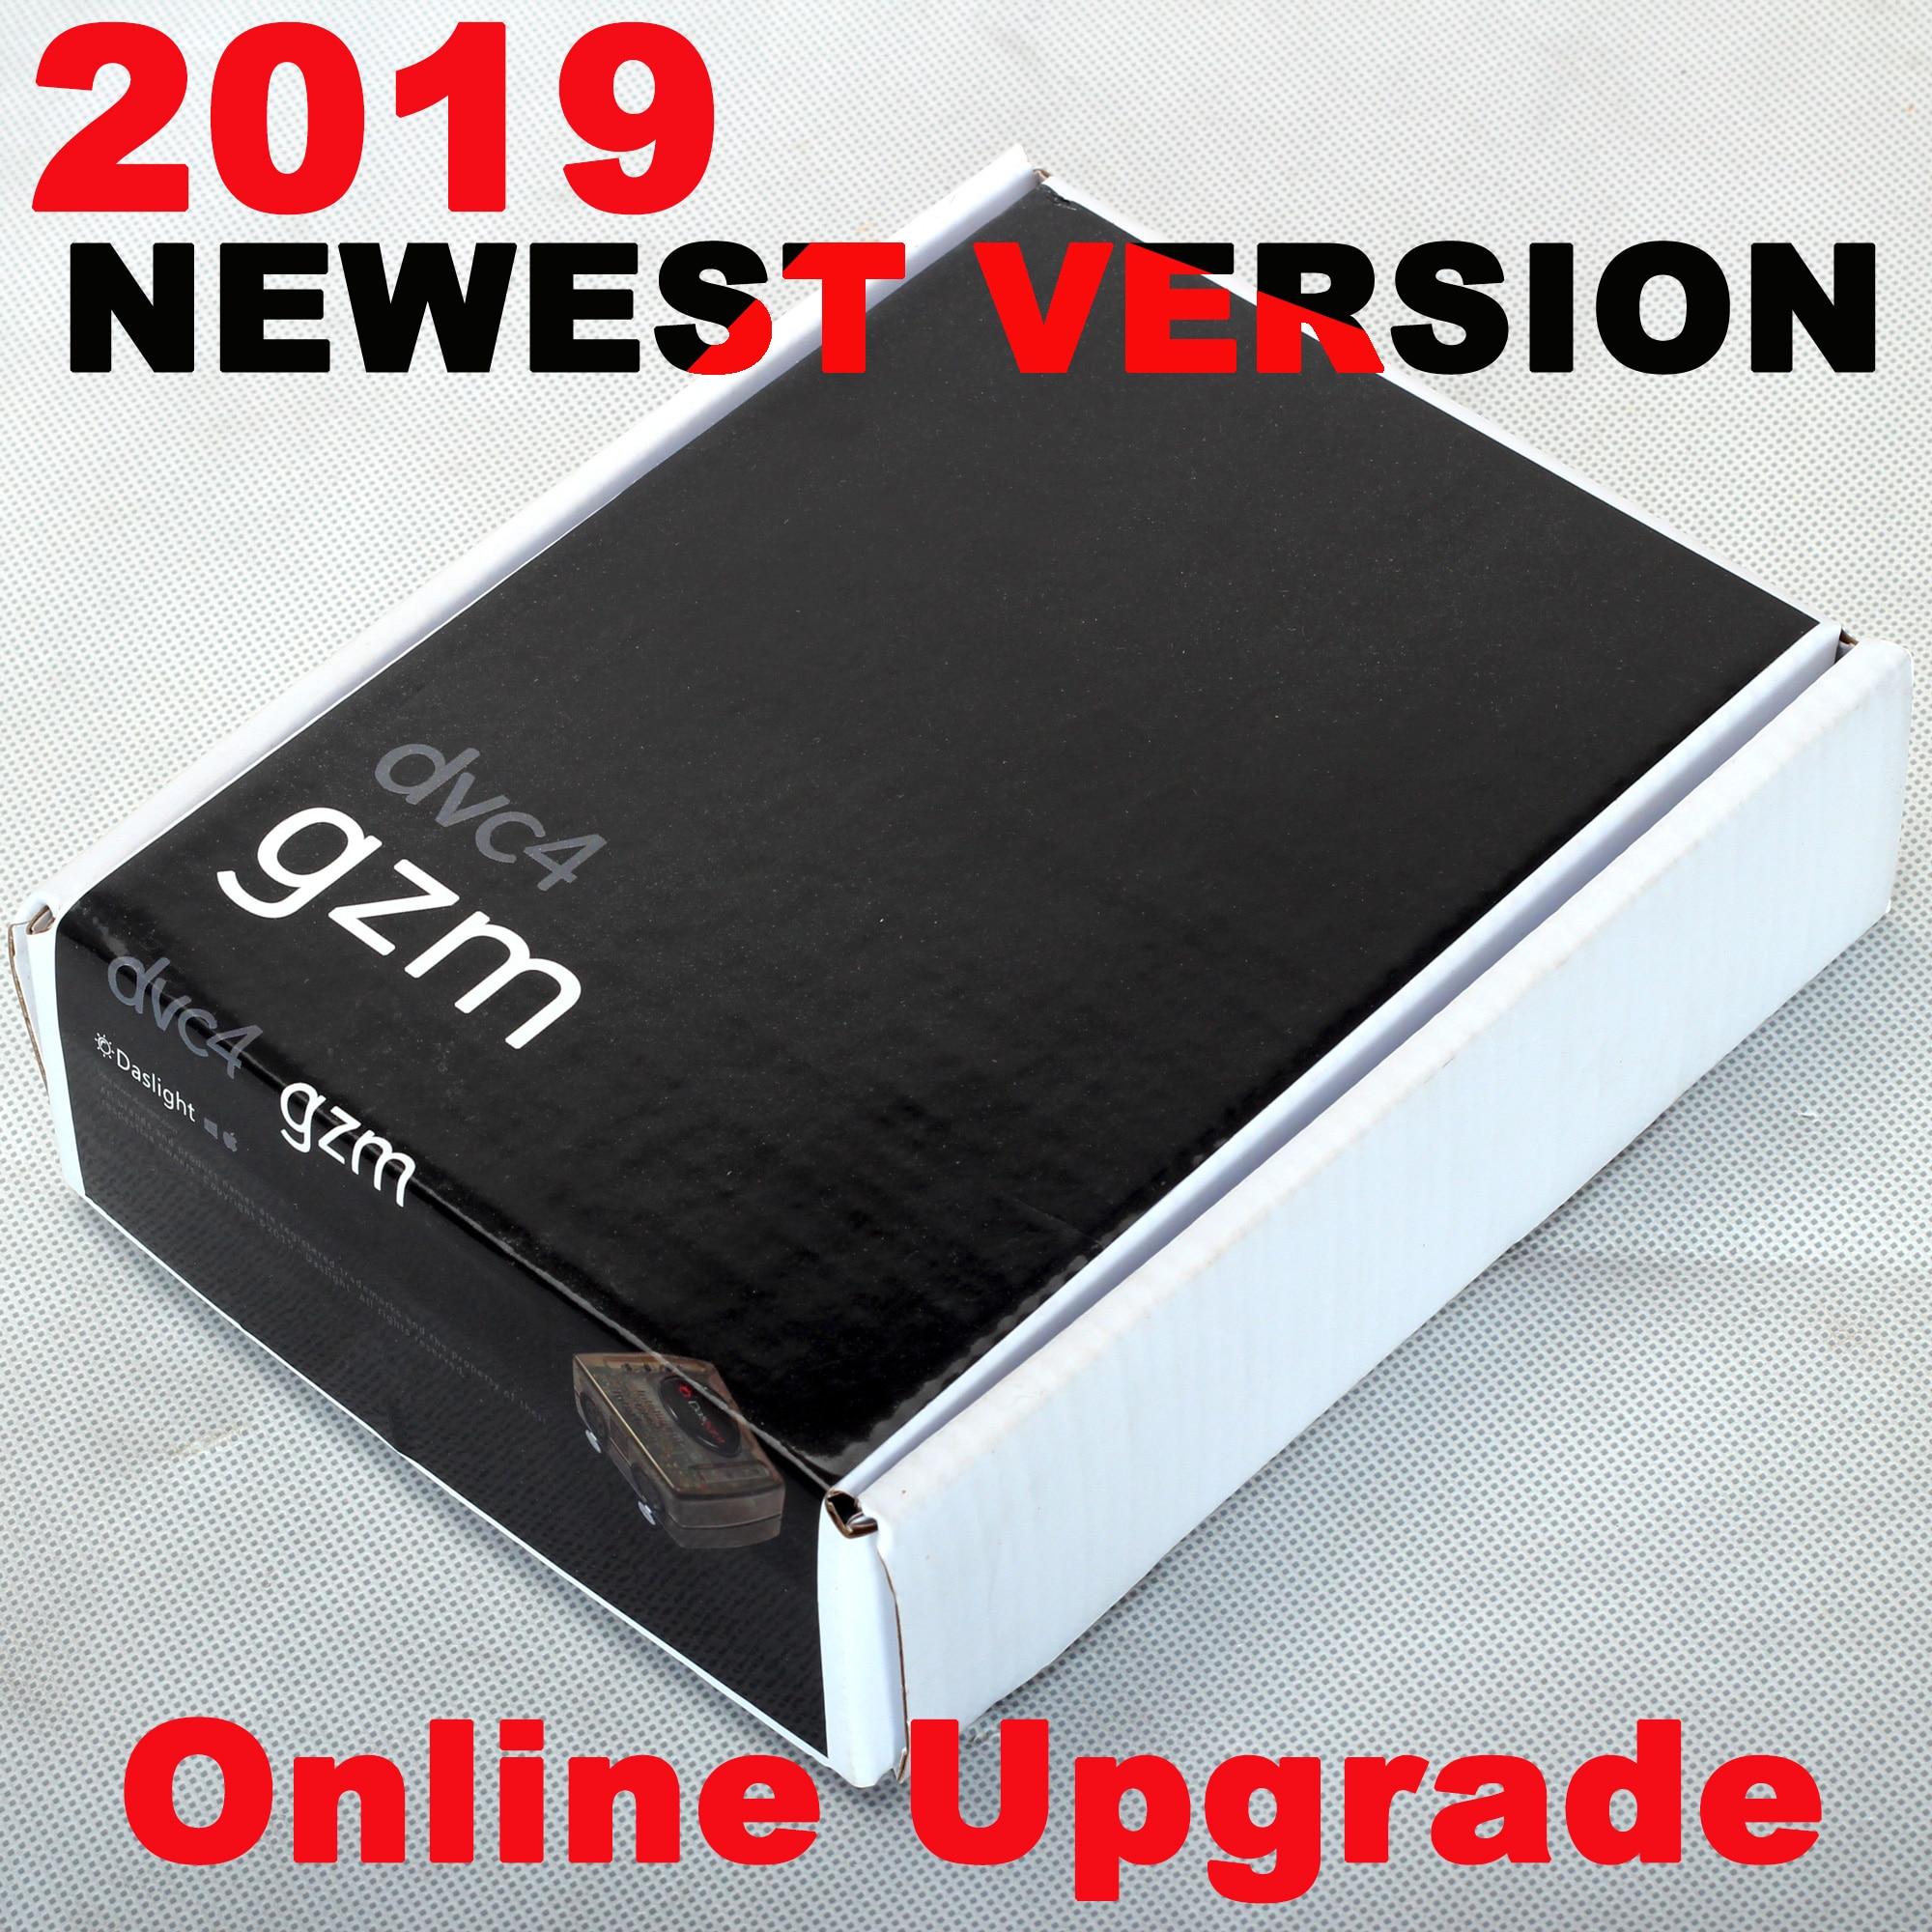 Daslight Dvc 4 Gzm Profes sional Fase Controle de Software software de Interface Usb DMX 512 controlador Dmx para dj iluminação